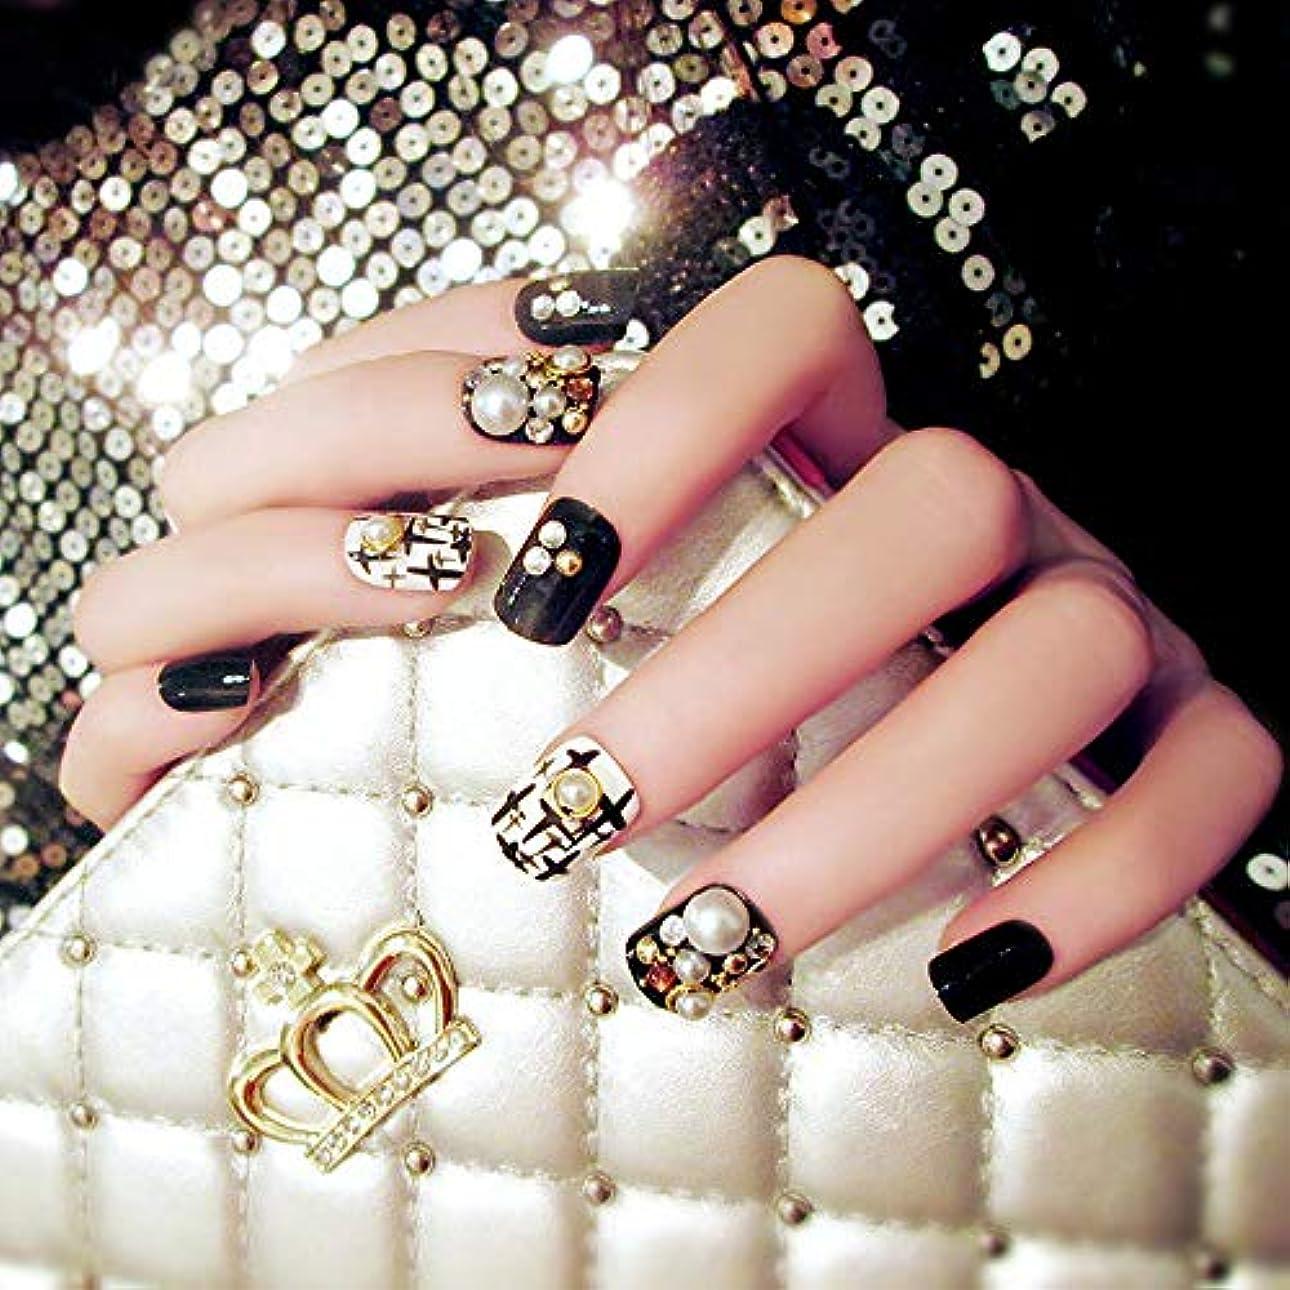 コンテンポラリースカープ構築する24本の高品質の美しい偽の黒い爪白真珠のデザイン偽の爪のヒントは偽の爪をカバー